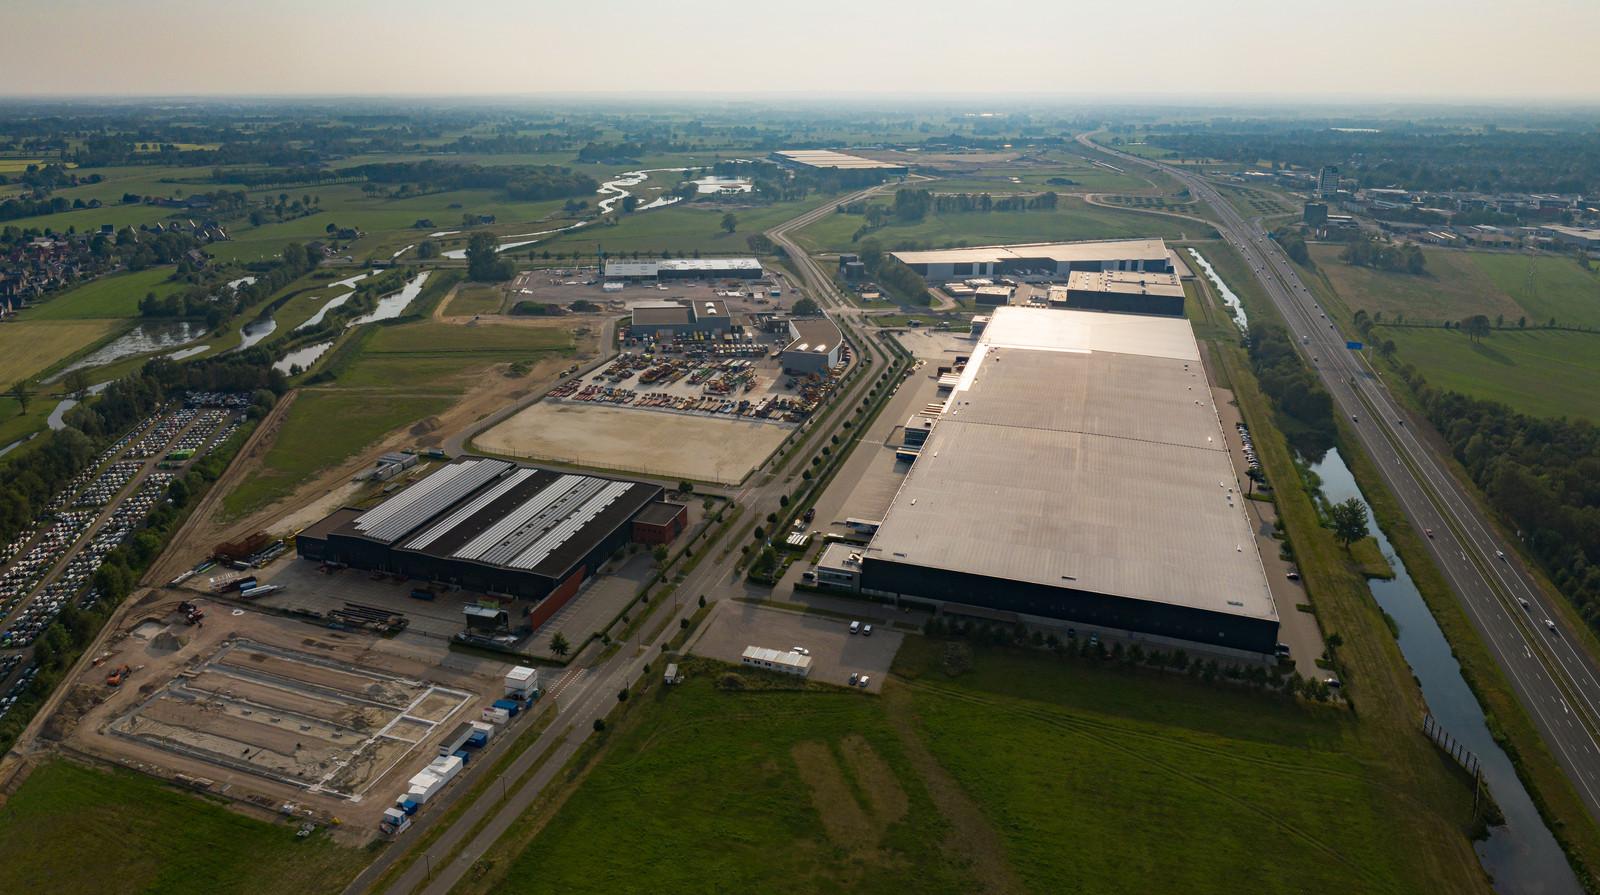 XL businesspark bij Almelo in vogelvlucht.